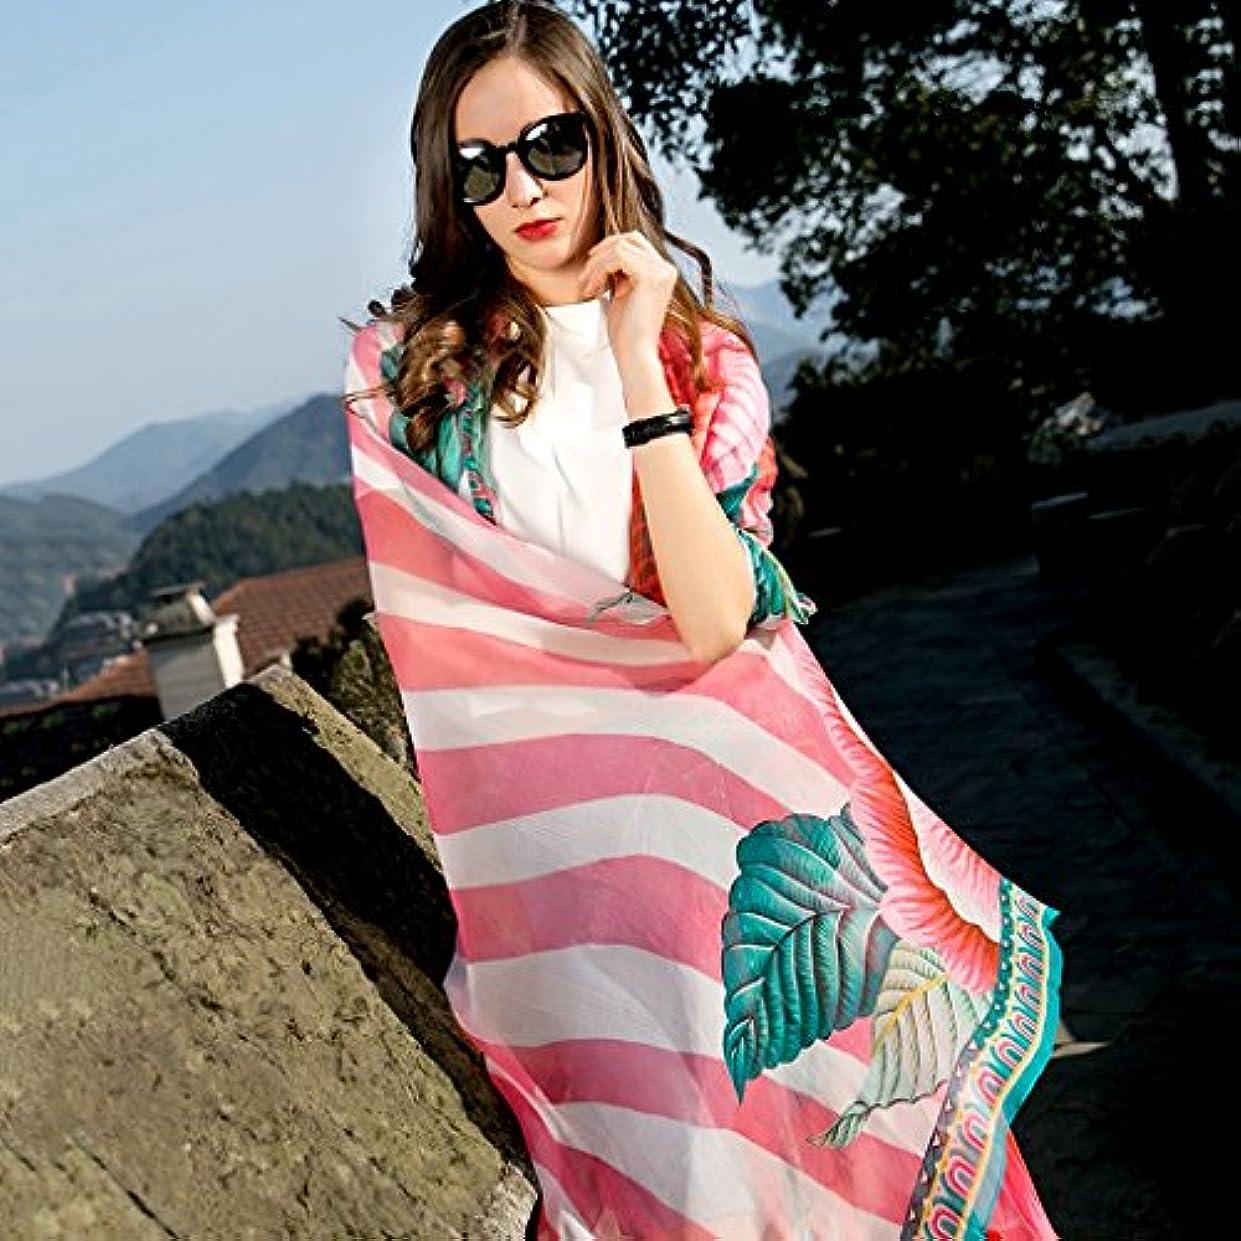 不純置き場手つかずの女性の成長の日焼け止めのショールシルク休暇のスカーフの観光スカーフの民族のスタイルのスカーフ96.4 * 43.3インチ (Color : Pink)